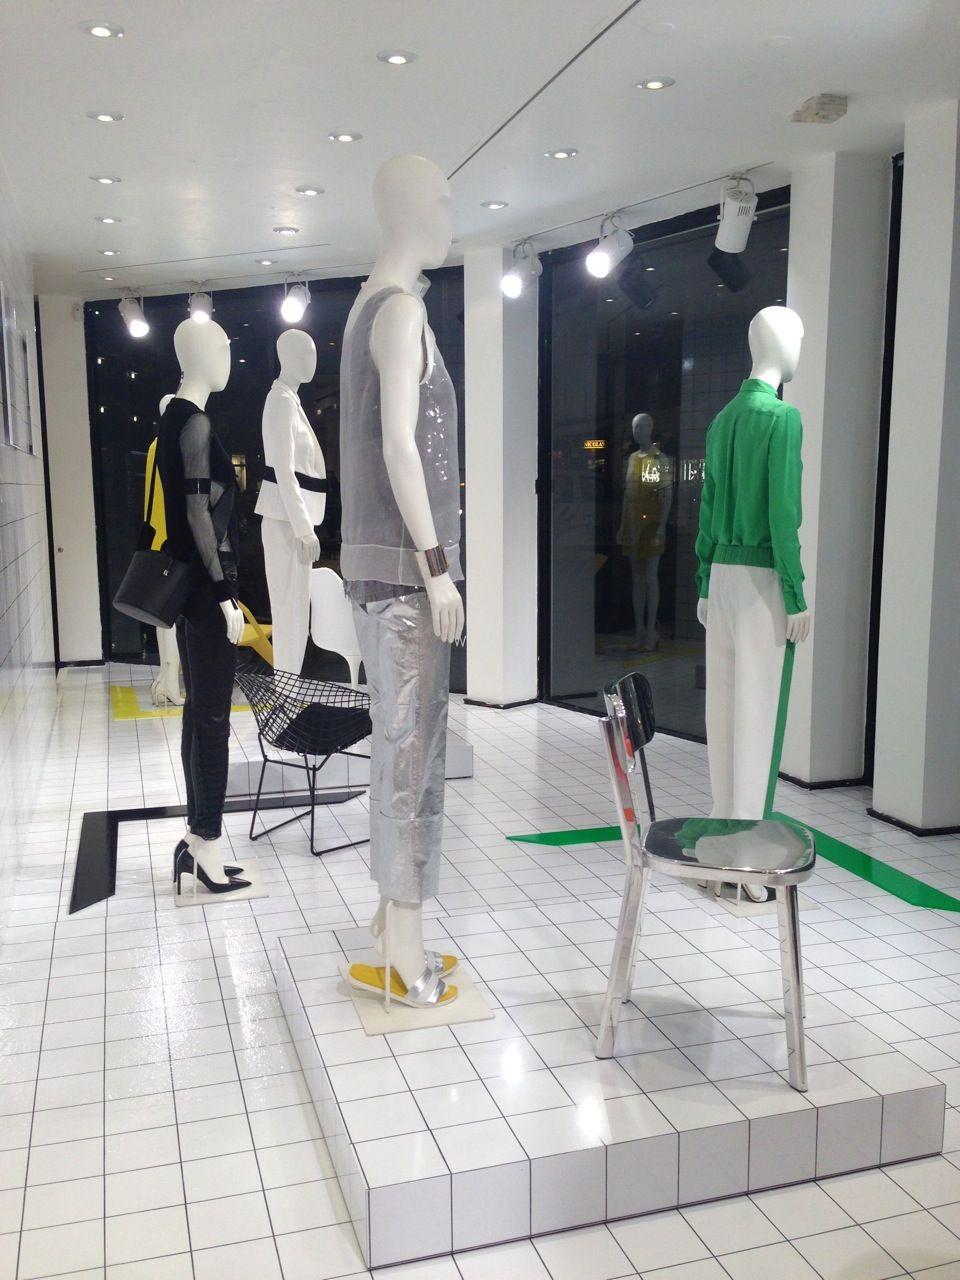 Joseph Fashion in collaboration with Harlequin Design #shopwindows #visualmerchandising #fashion #escaparatismo